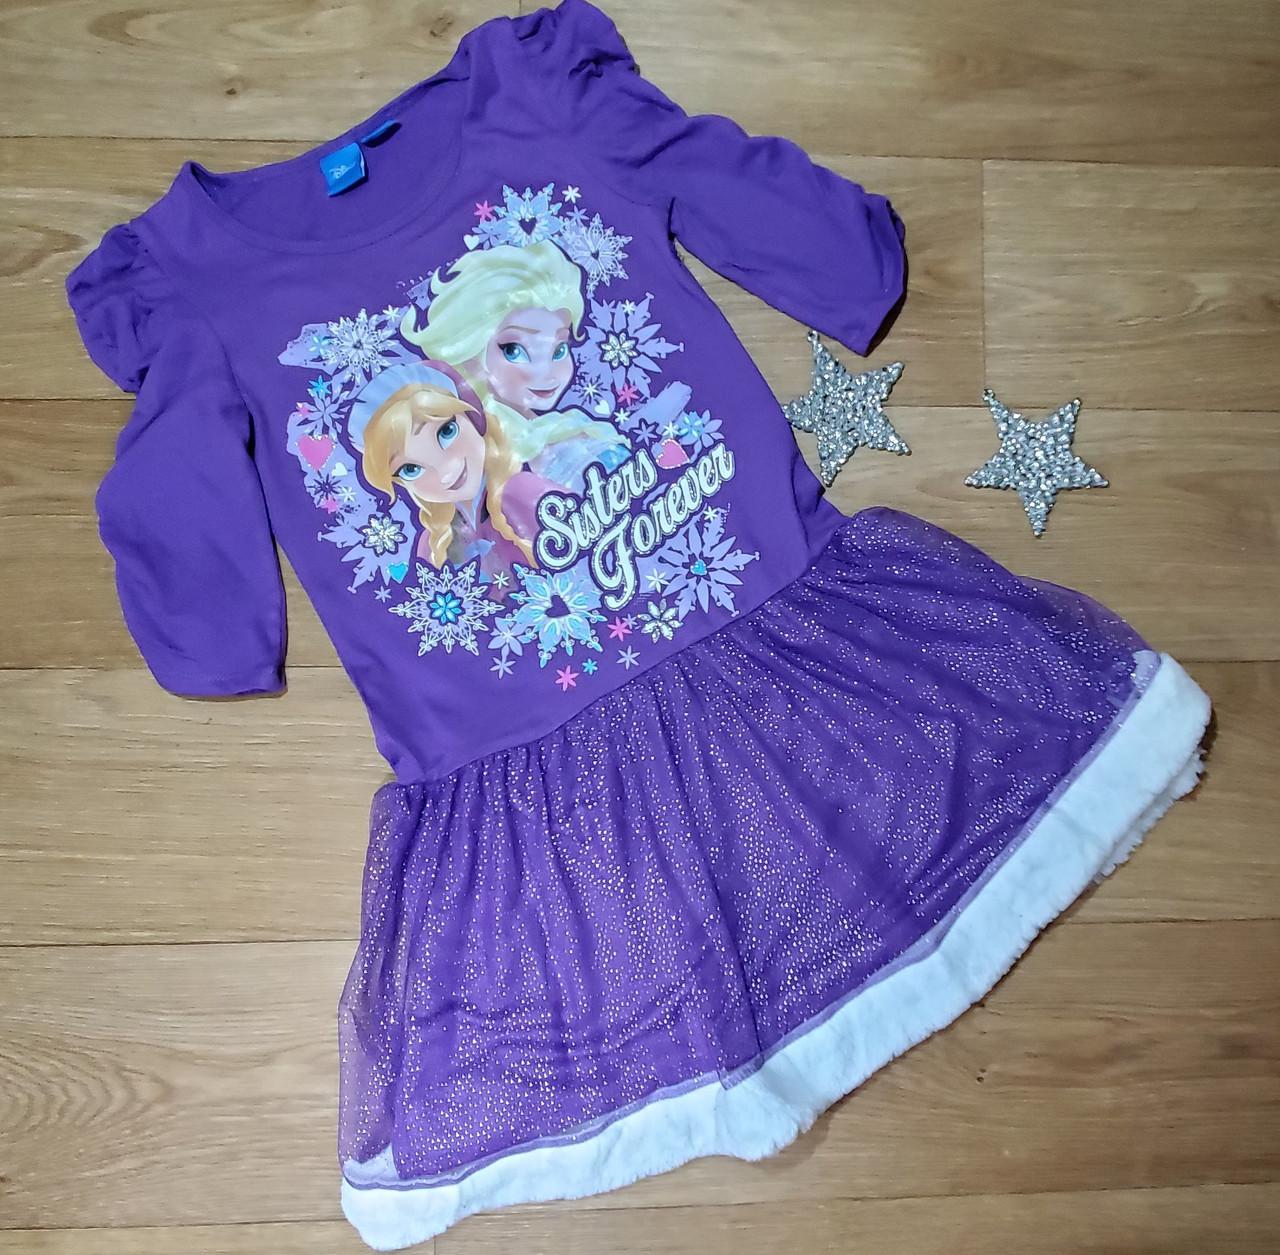 Нарядное фиолетовое платье с Эльзой и Анной Disney (США) (Размер 7-8Т)